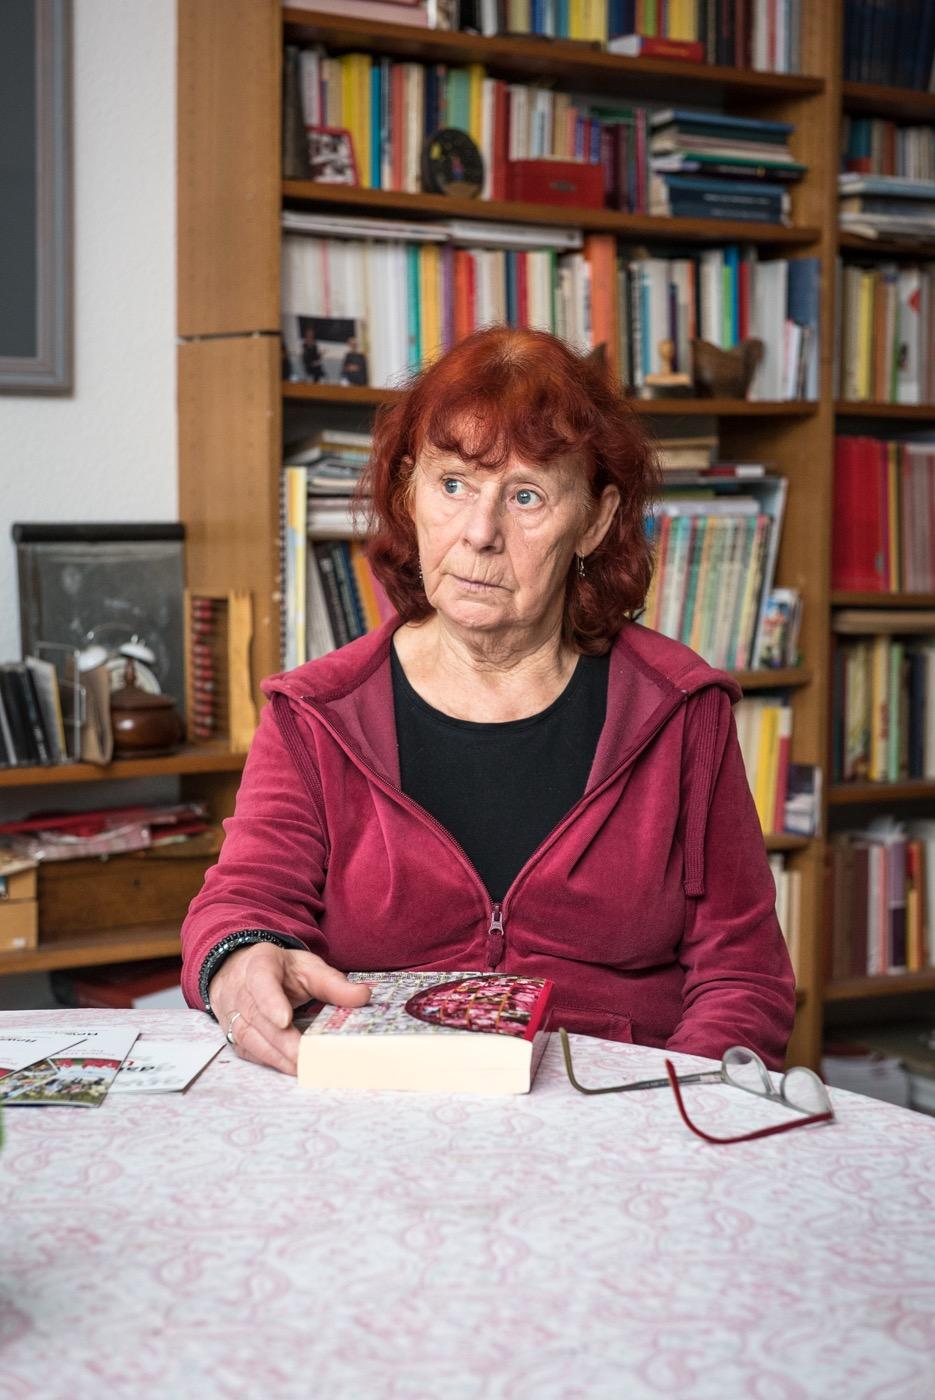 Die Sozialwissenschaftlerin und Historikerin hat an der TU Berlin promoviert.